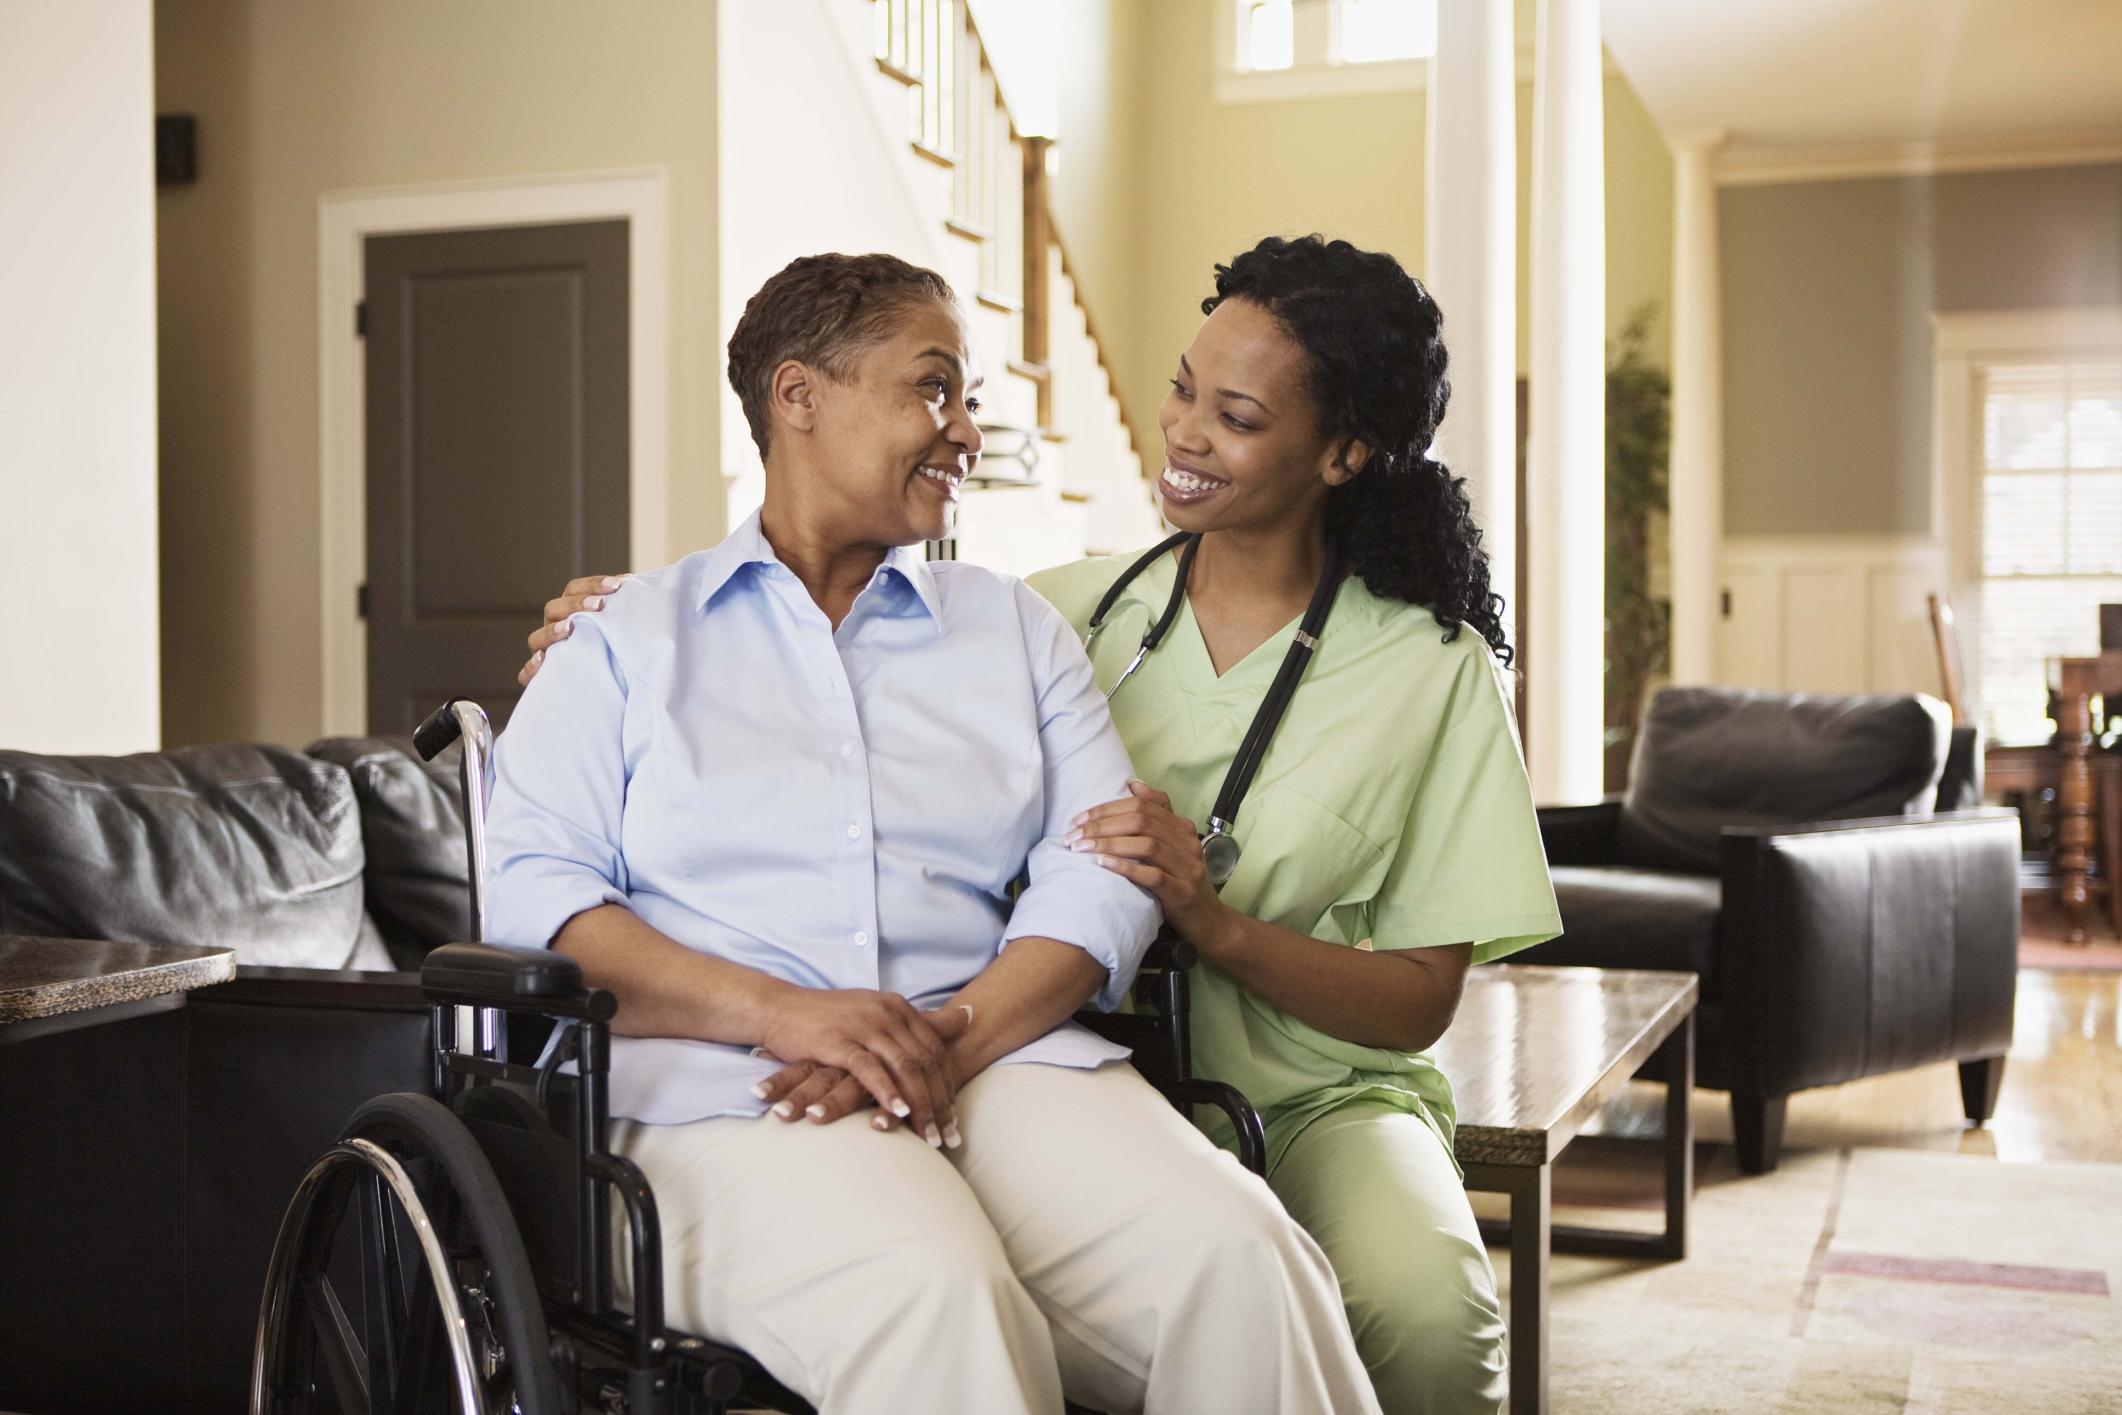 Skilled vs. Non-Skilled Caregiving